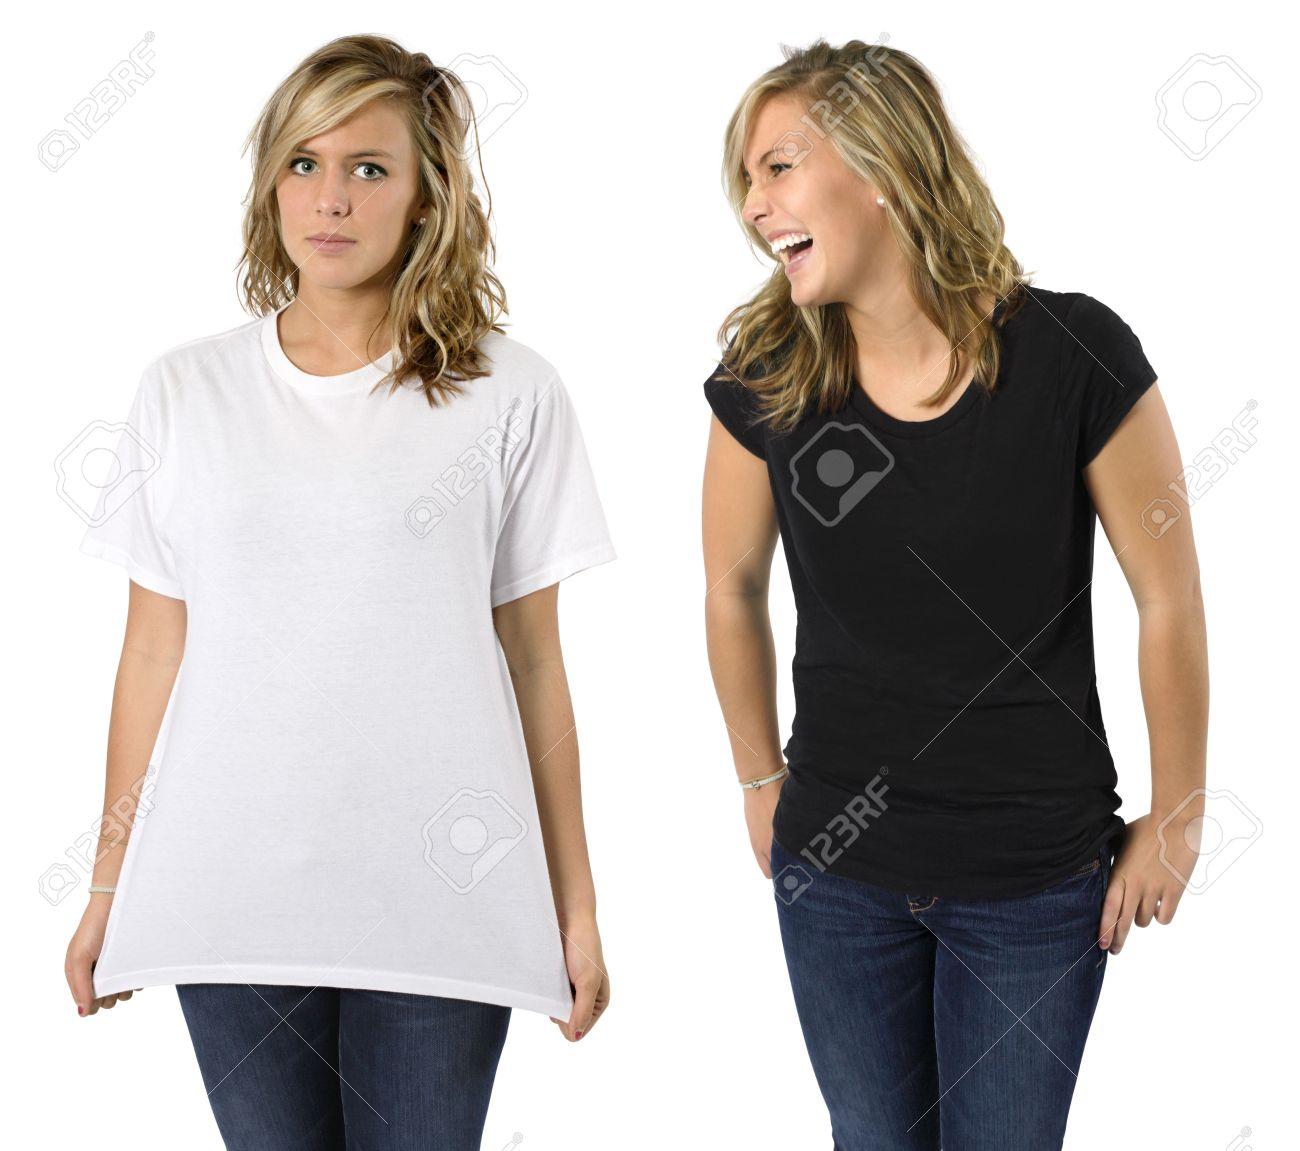 9e3faf23aadcf Foto de archivo - Joven mujer rubia hermosa (misma hembra dos imágenes) con camisa  negra en blanco y camisa blanca. Listo para su diseño o logotipo.